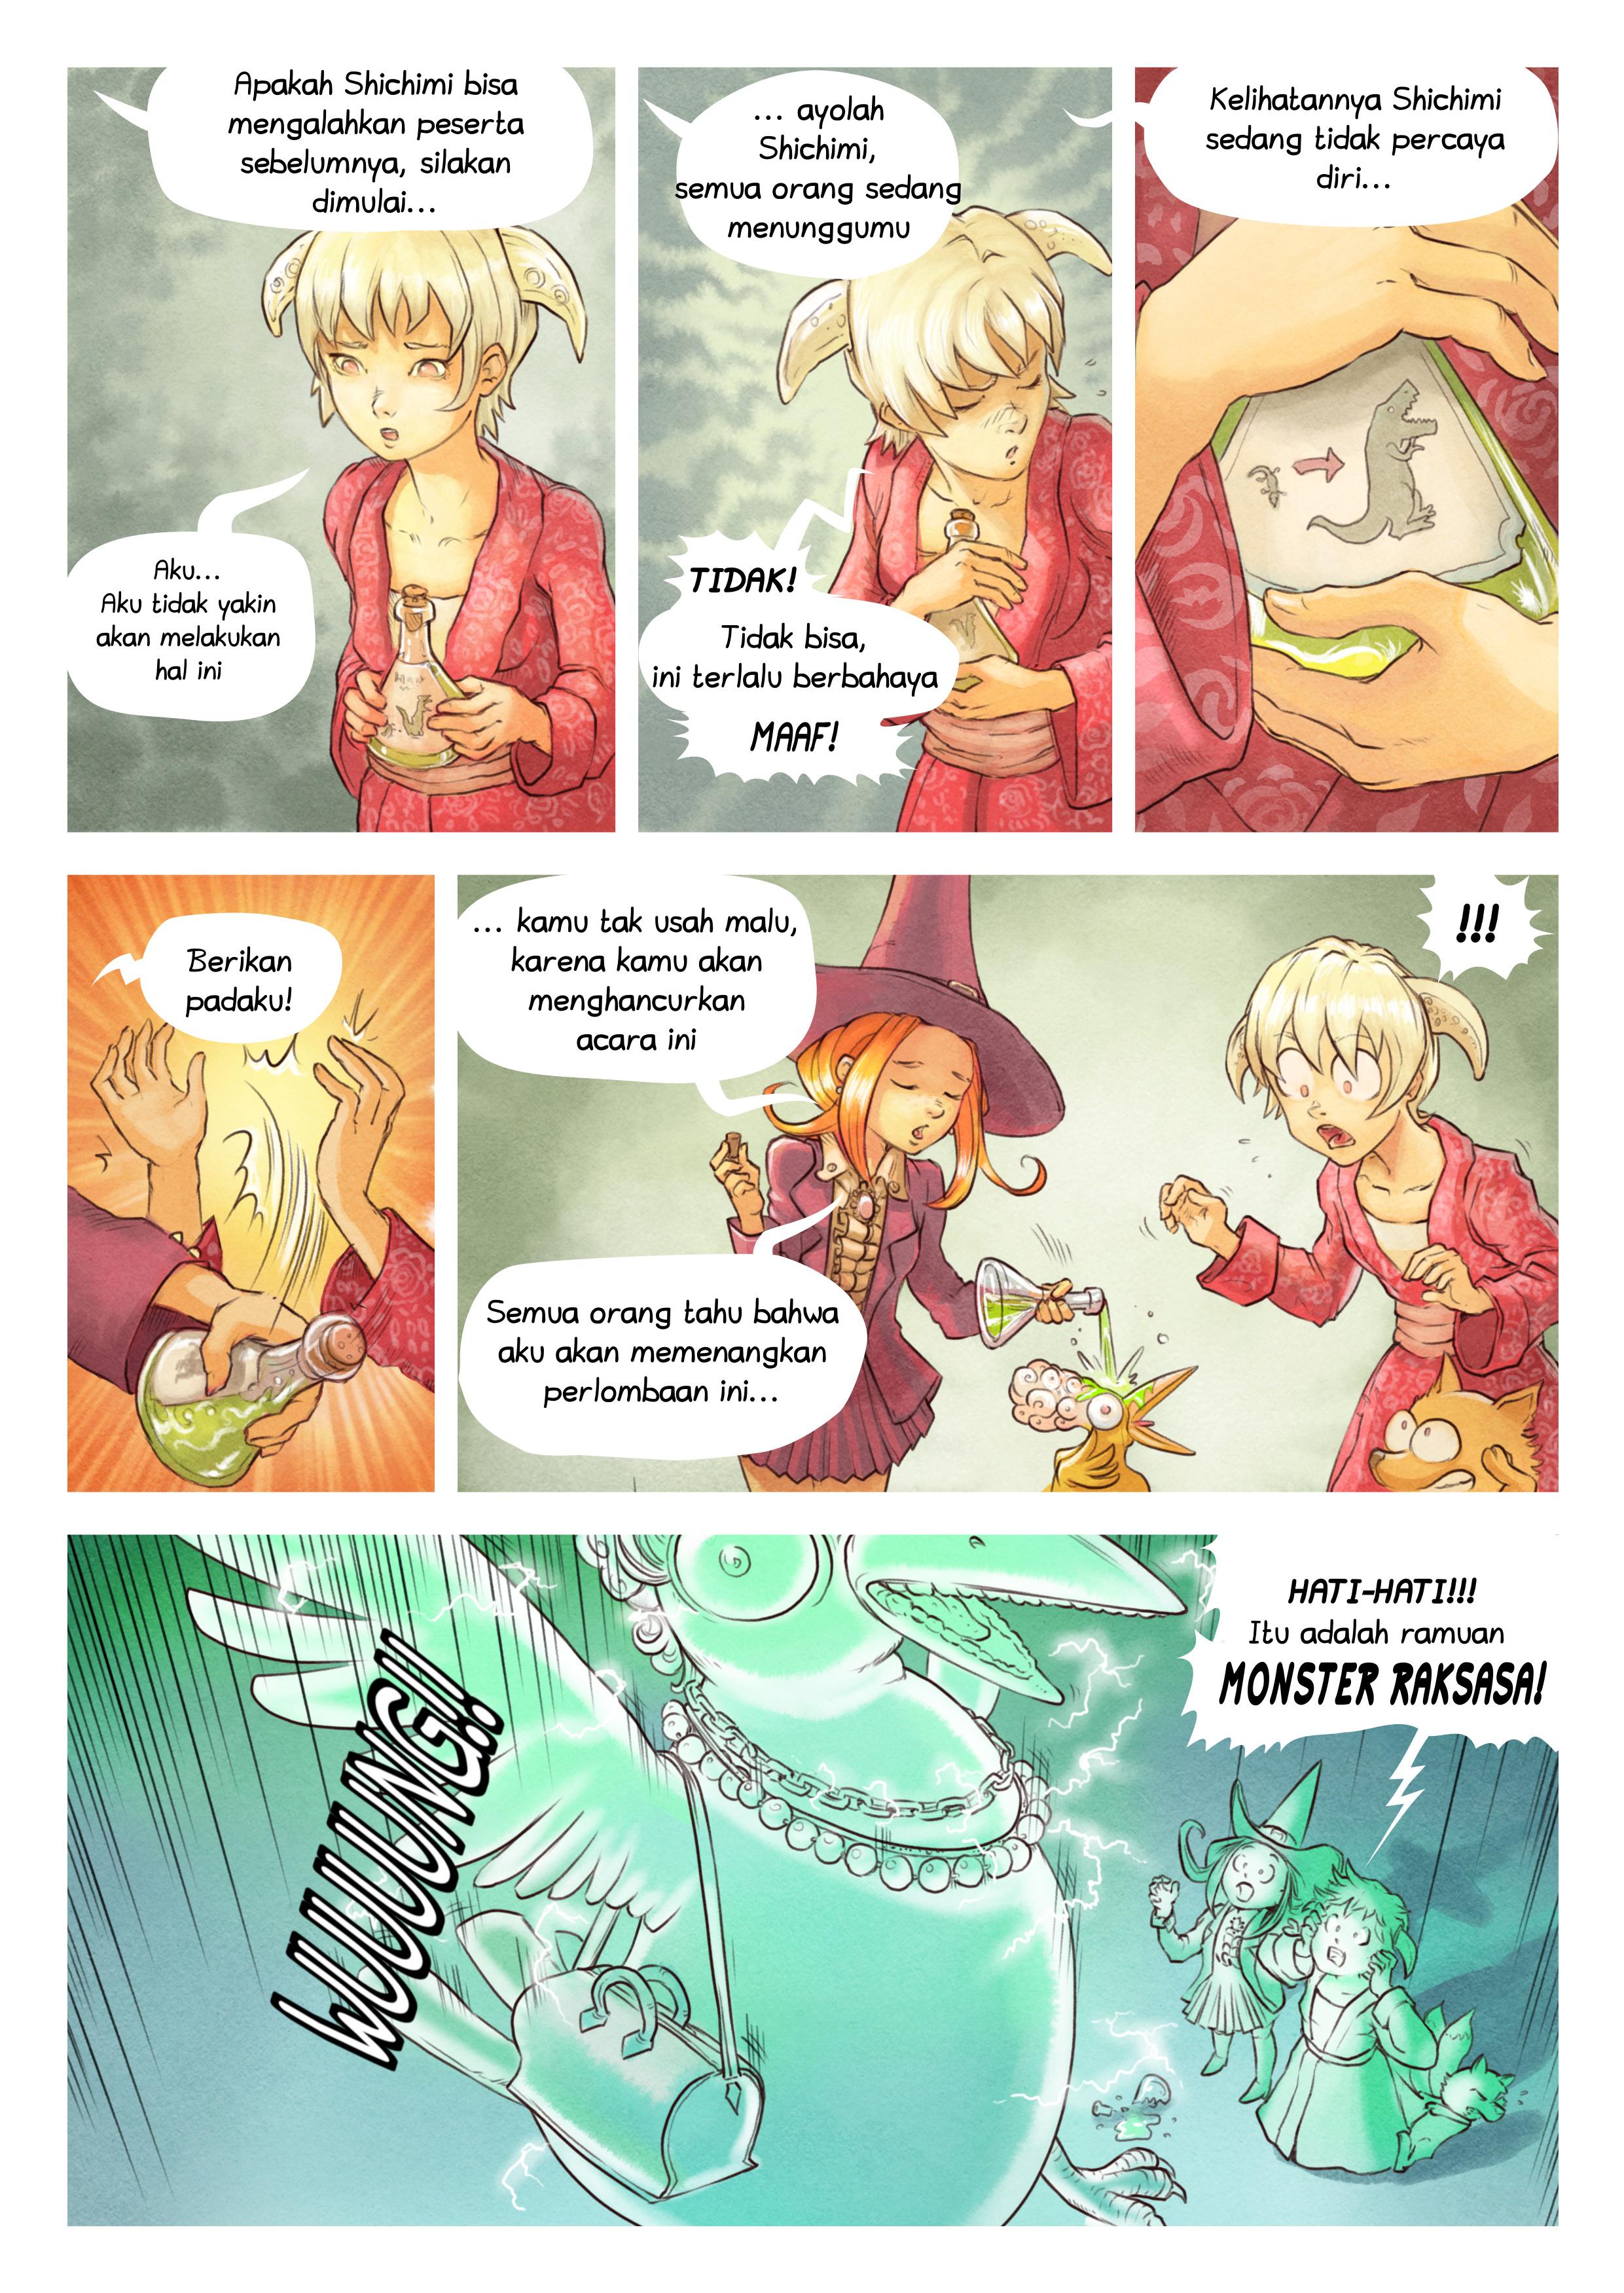 Episode 6: Perlombaan ramuan, Page 6